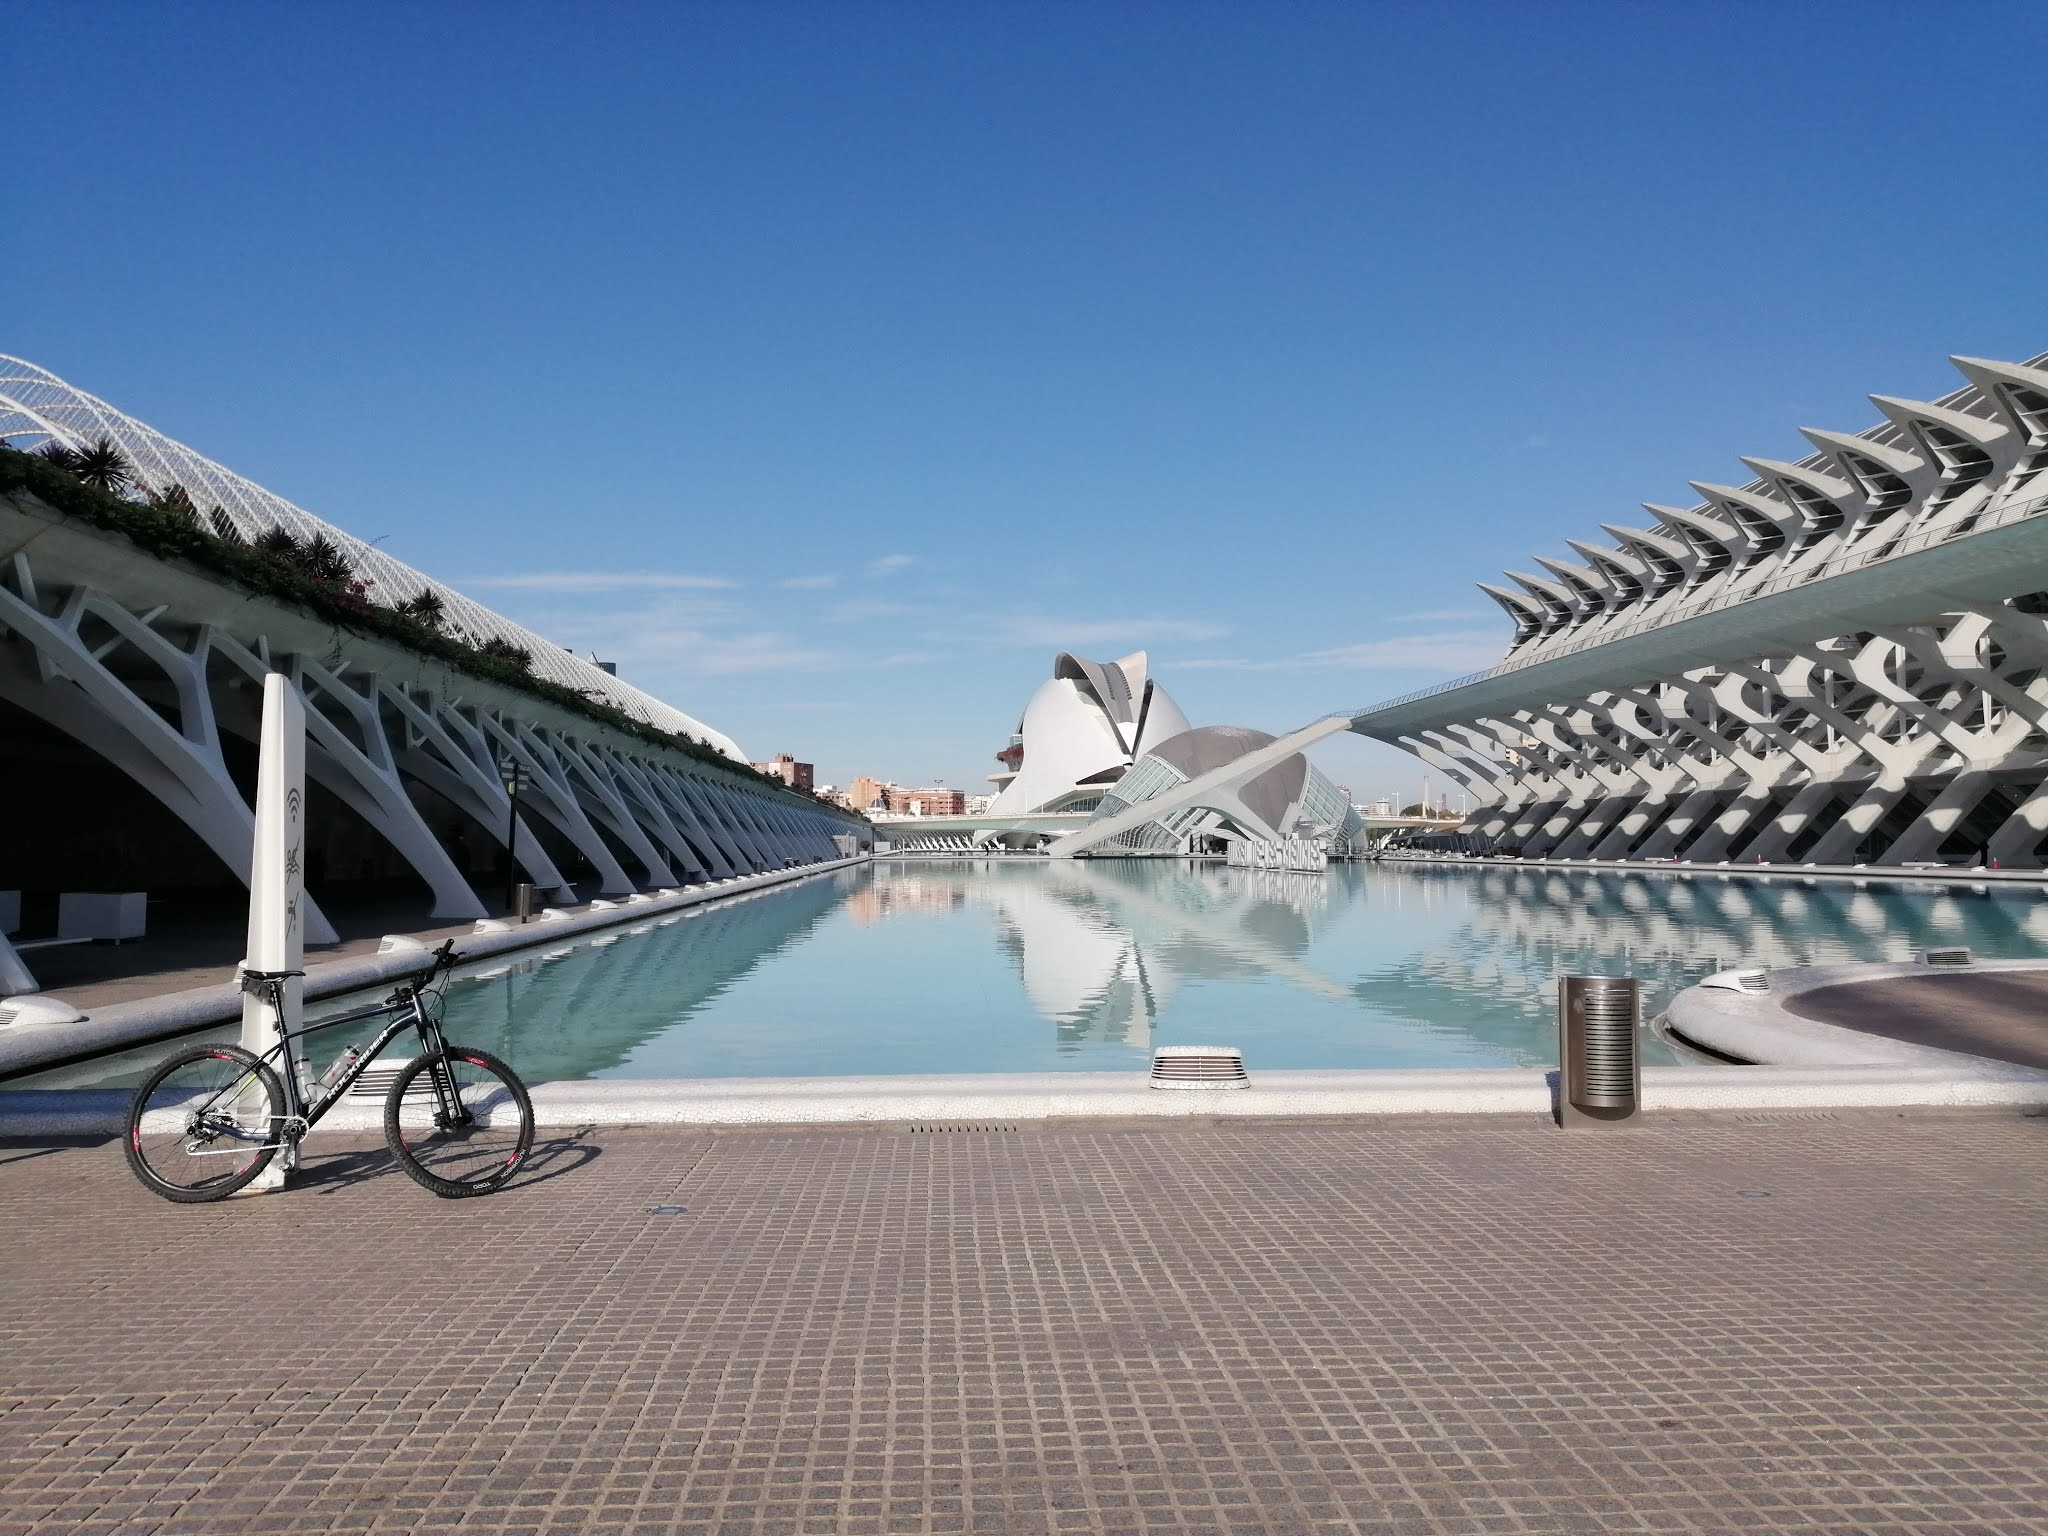 Valencia's Ciudad de las artes y las ciencias